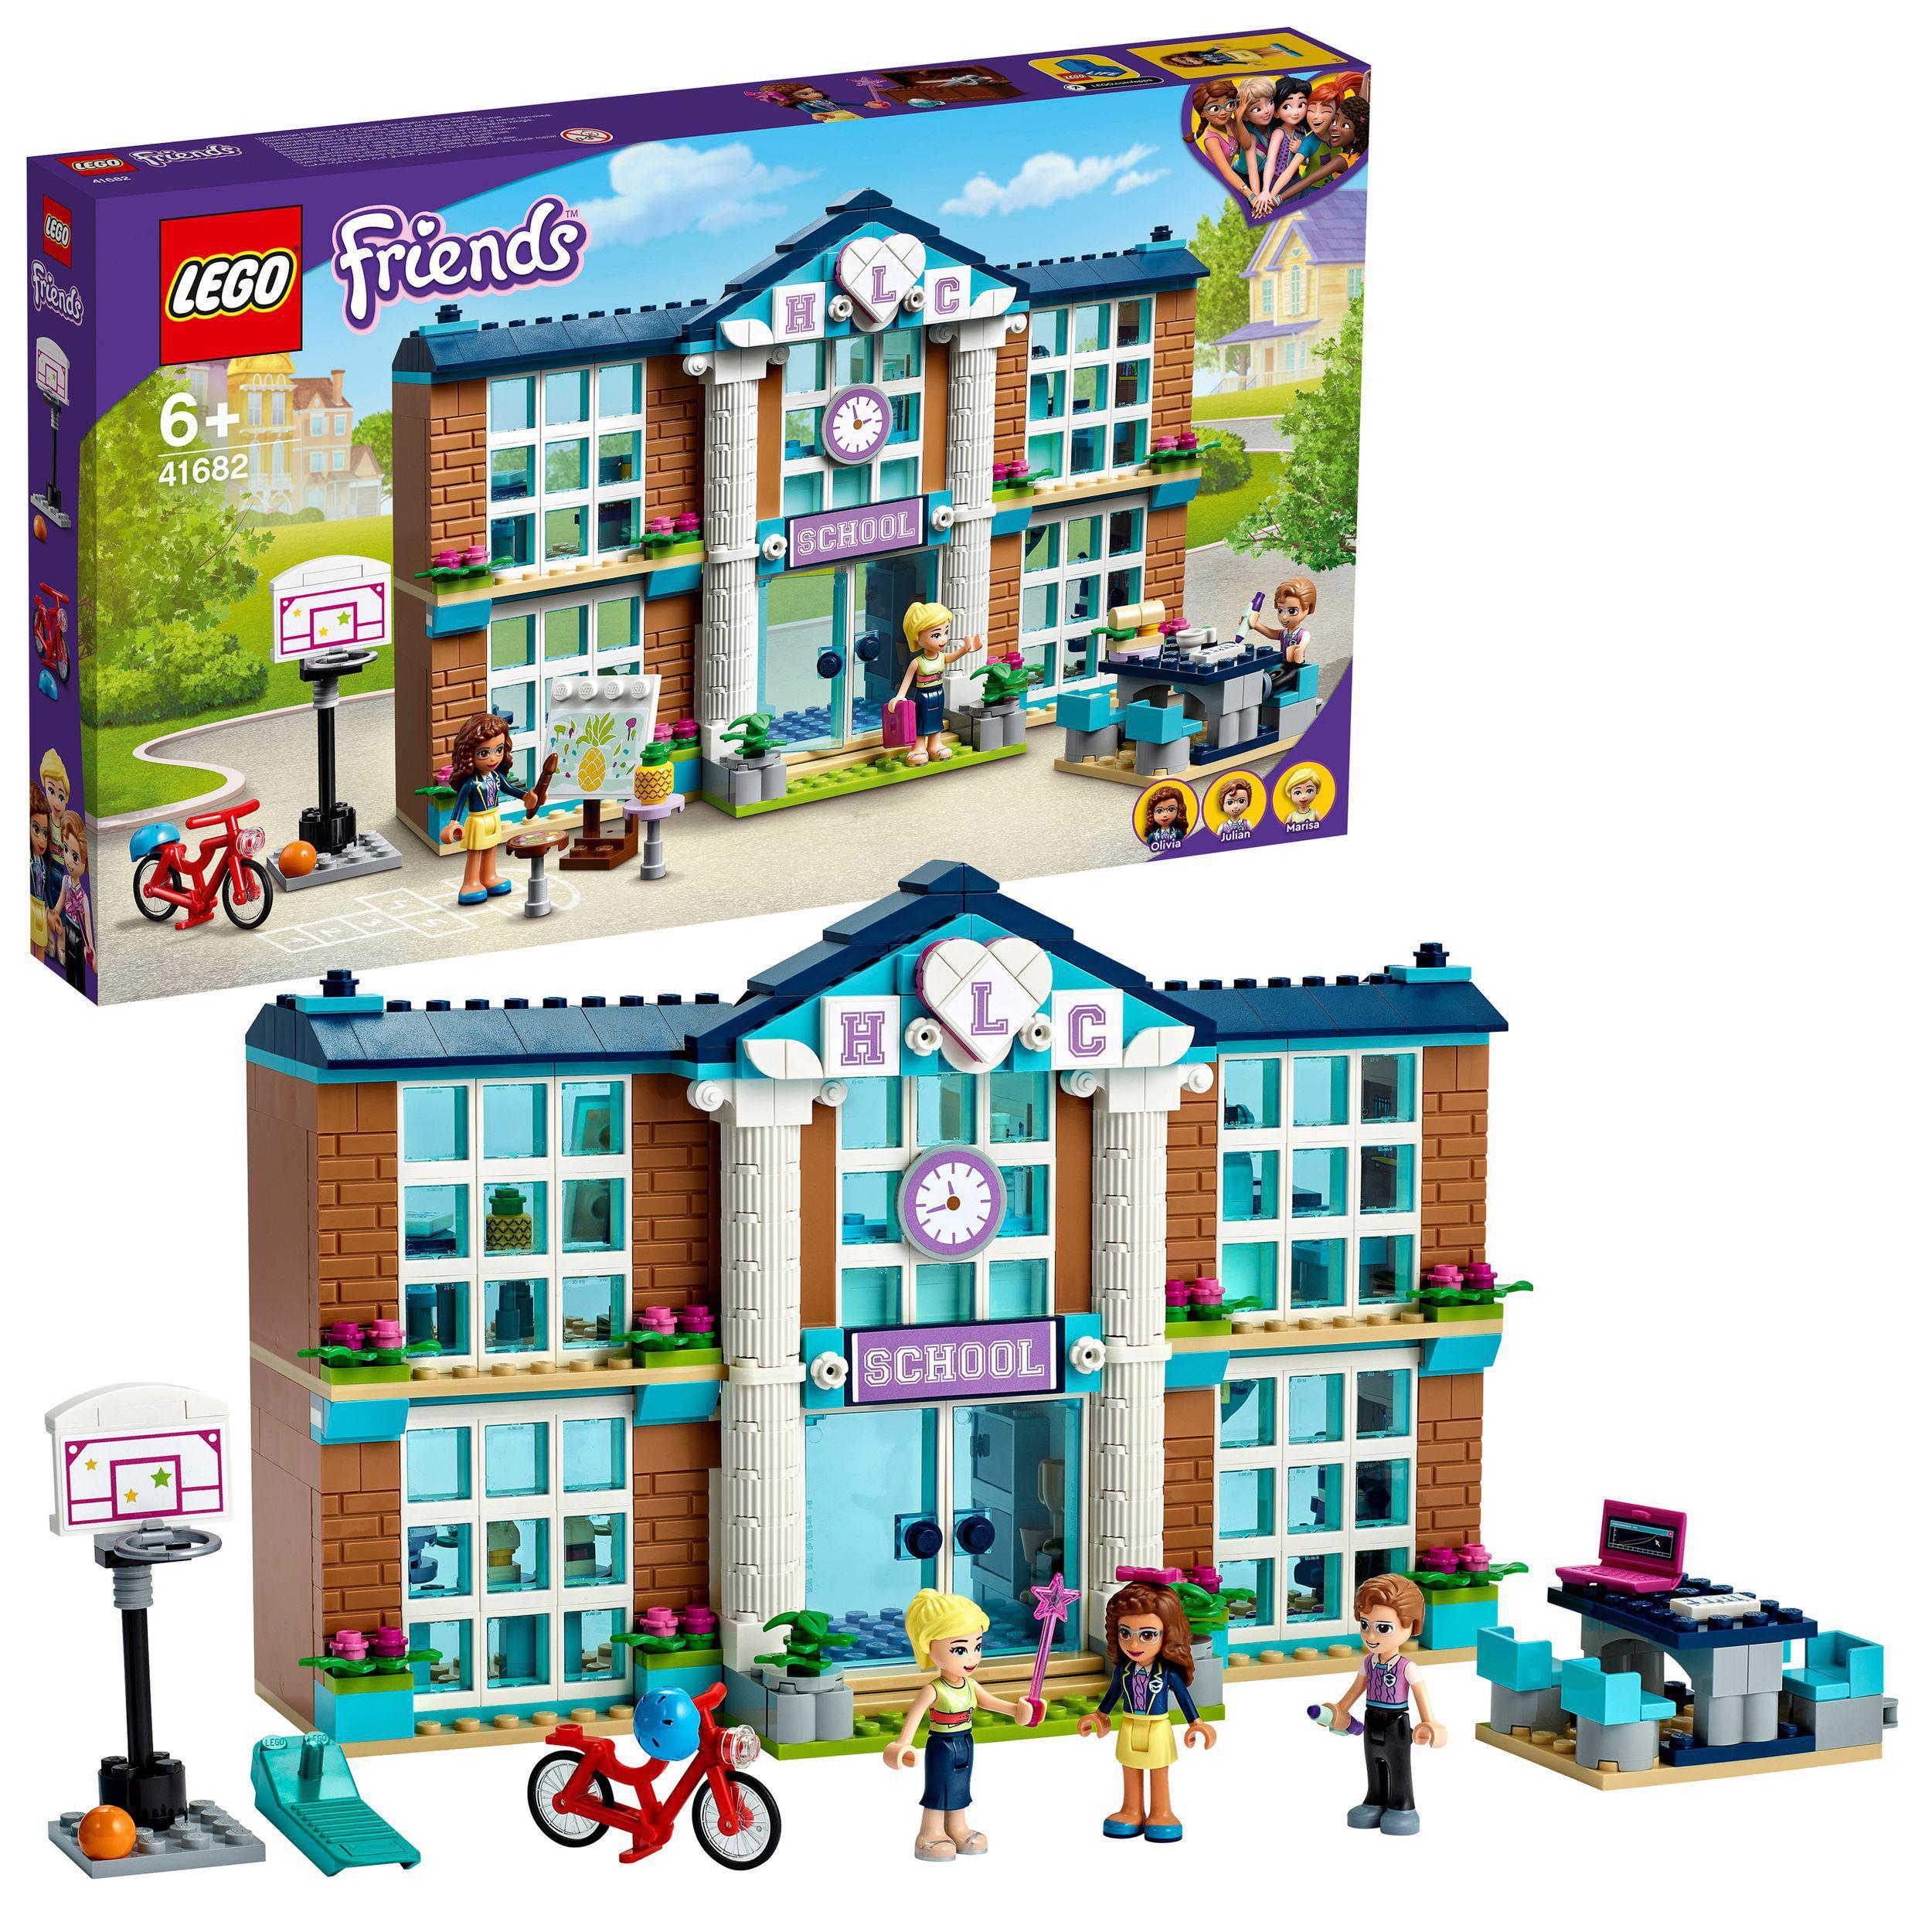 LEGO Friends - Heartlake City School (41682)